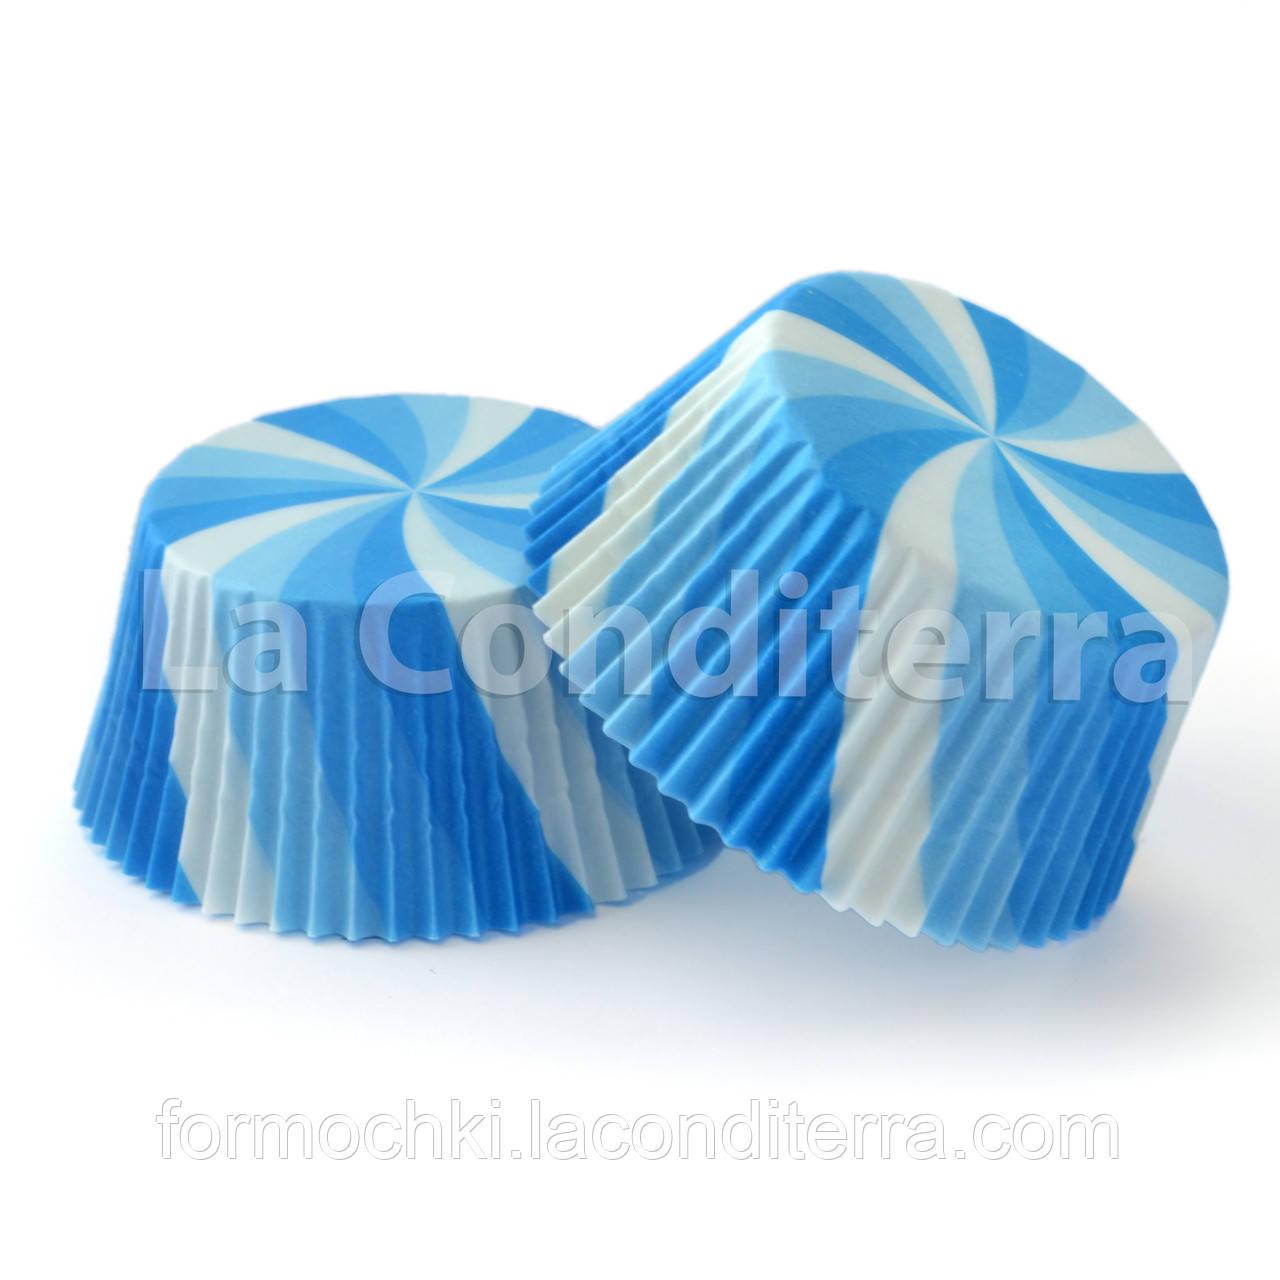 Бумажные формы для кексов «Вертушка голубая» (Ø50 мм), мин. партия от 2000 шт.